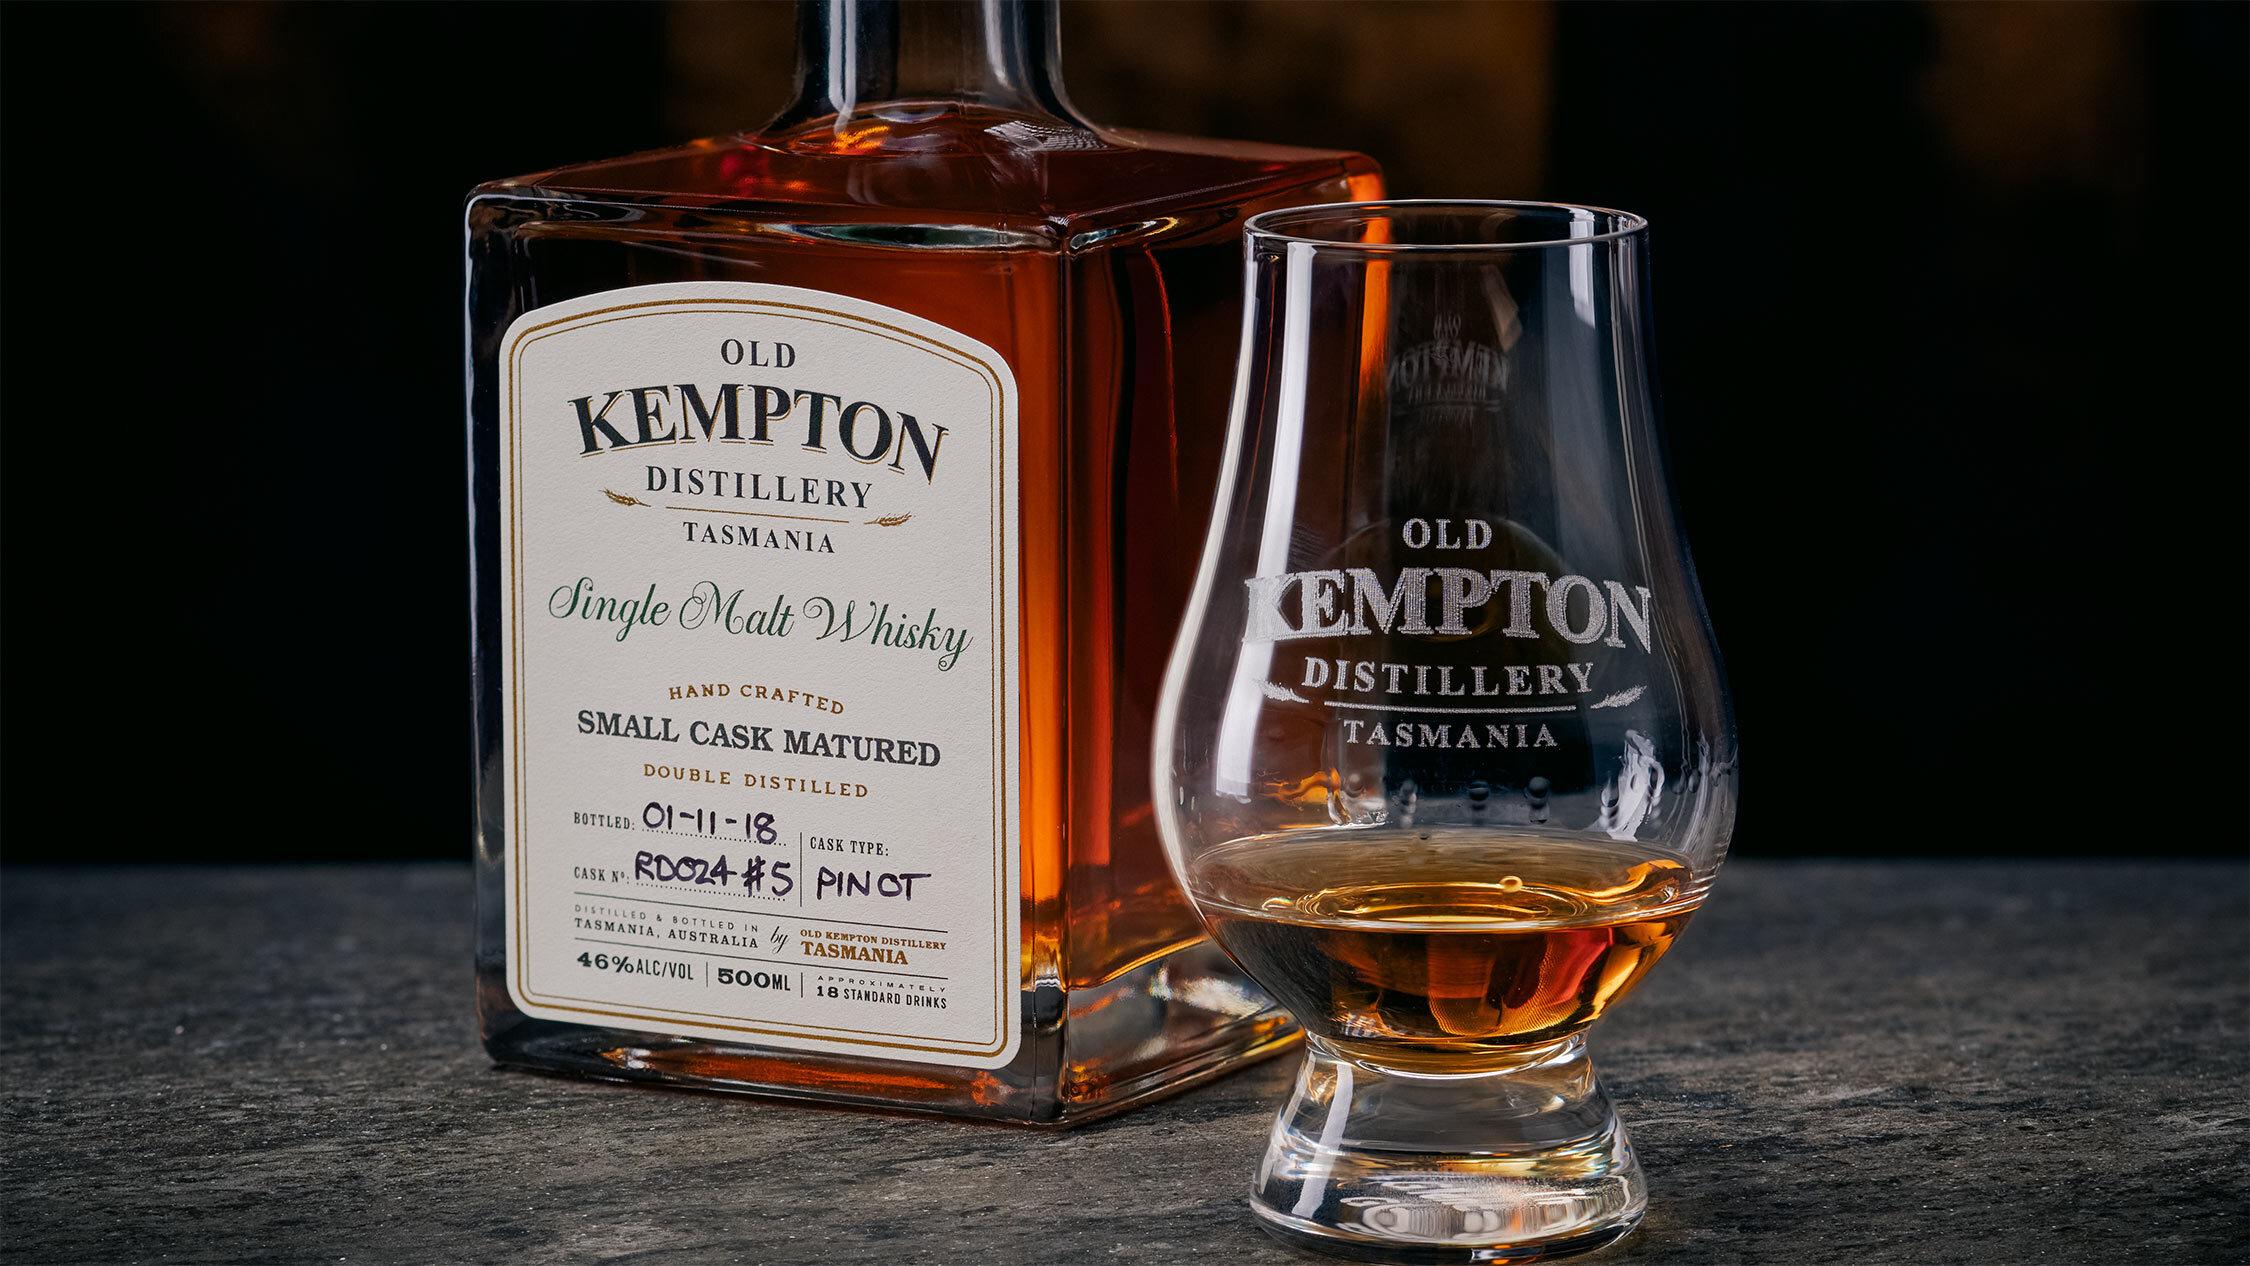 Whisky at Tasmania's Old Kempton Distillery